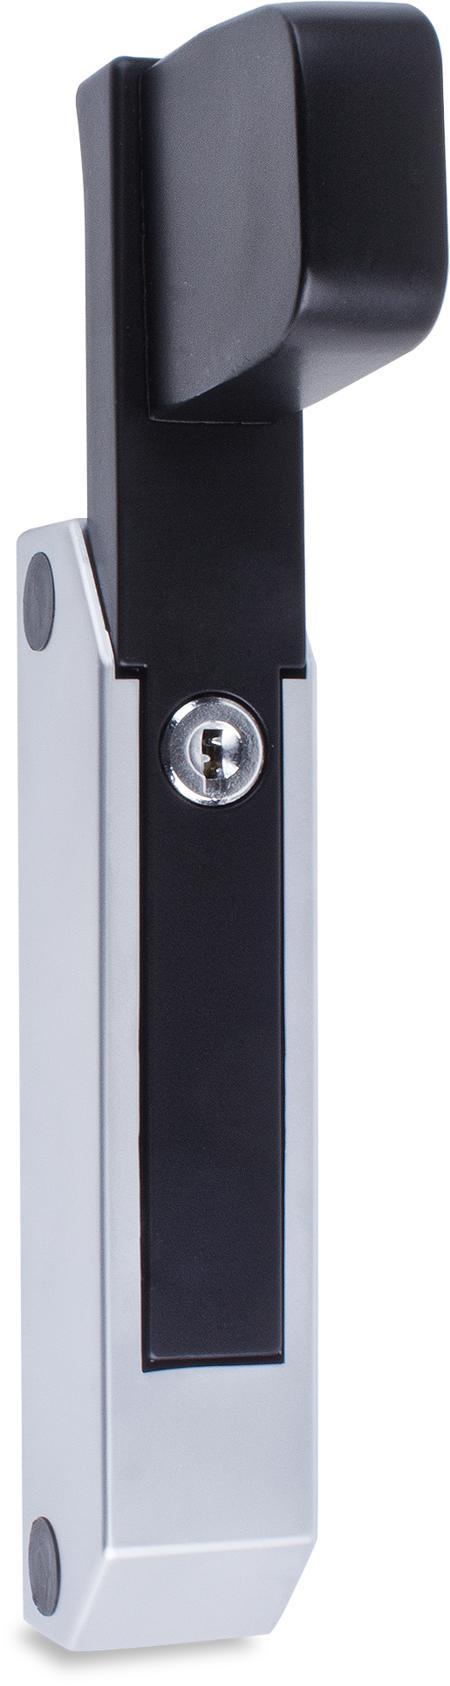 Schubladenverschluss Zink-Druckguss, EPS beschichtet schwarz RAL 9005, Kappe Kunststoff, matt verchromt, mit Zylinder, mit 2 Schlüsseln, verschiedenschließend, seitliche Montage, Höhe Halterung 49 mm, Griff verlängert